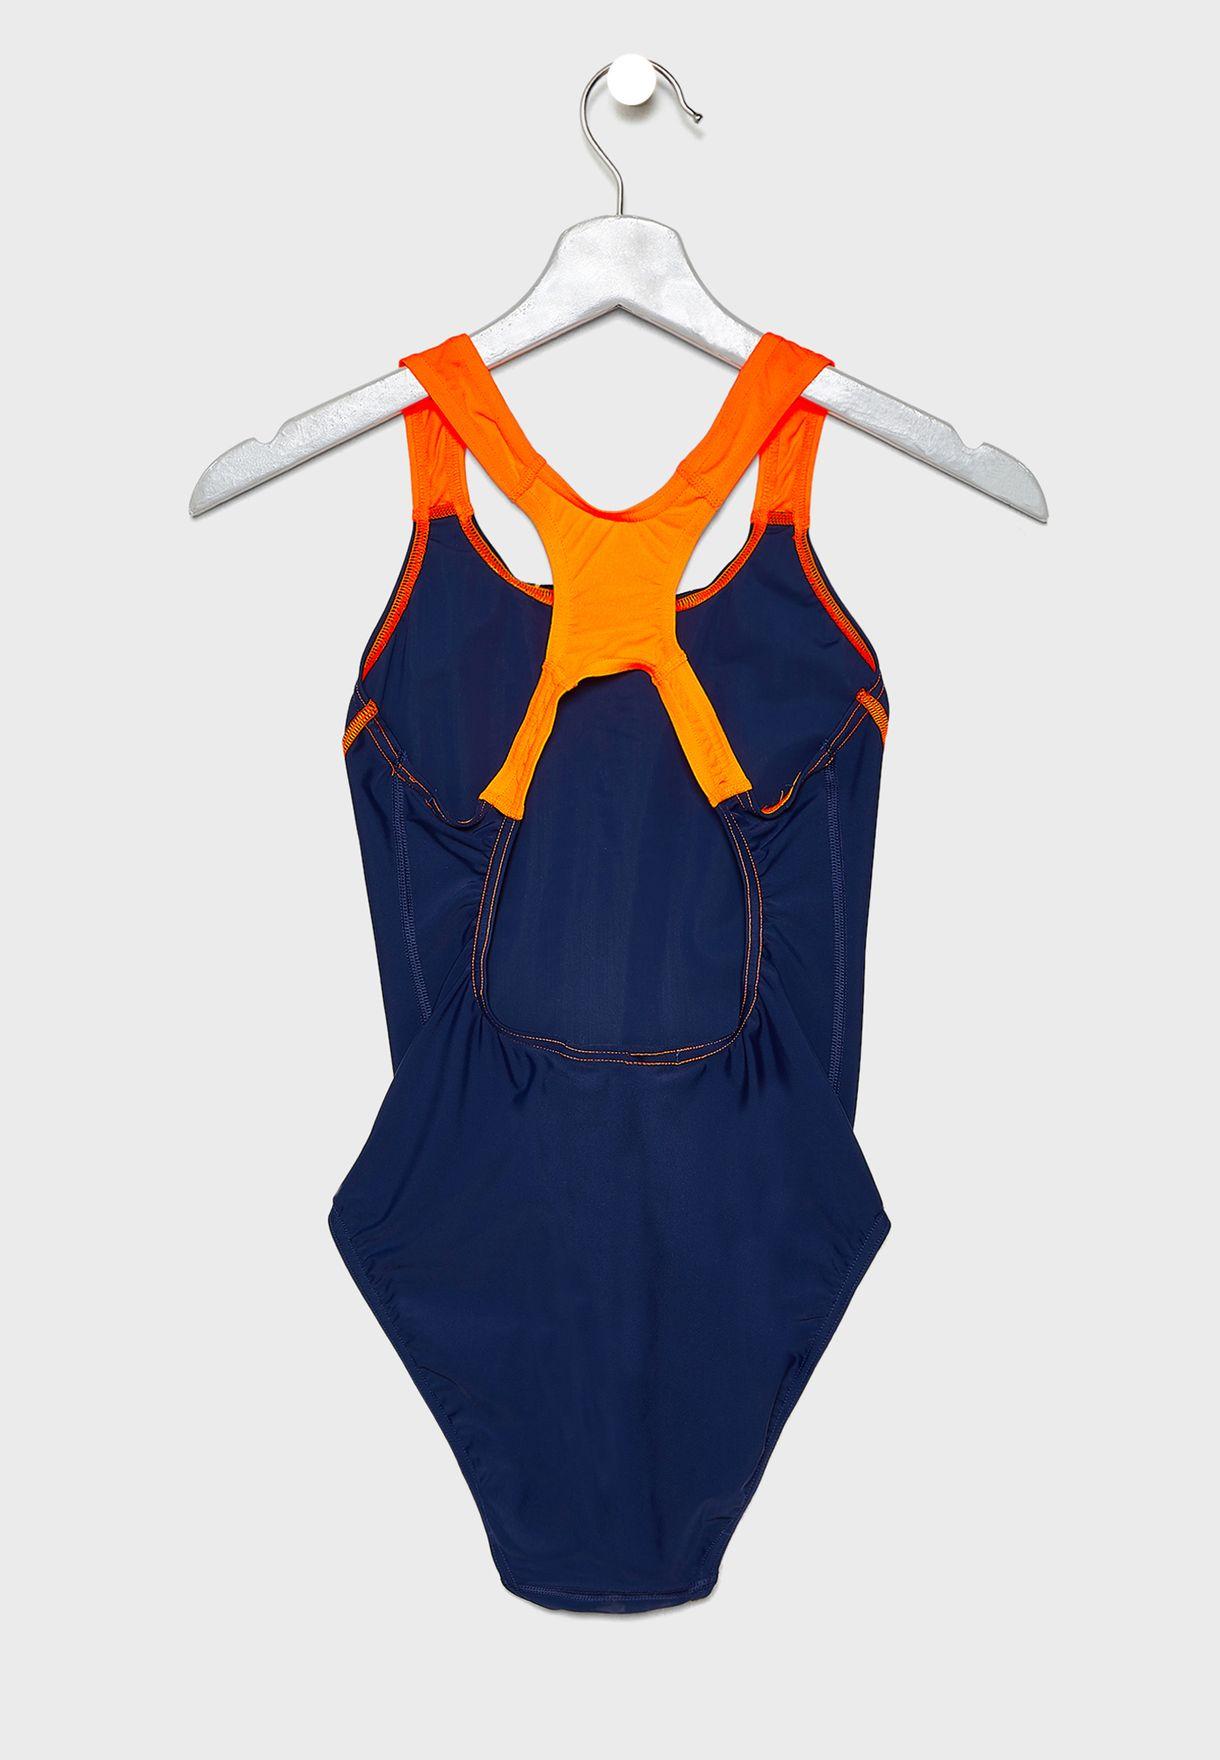 c751649c587 Shop Speedo navy Gala Logo Medalist Swimsuit 809689A876 for Women in ...